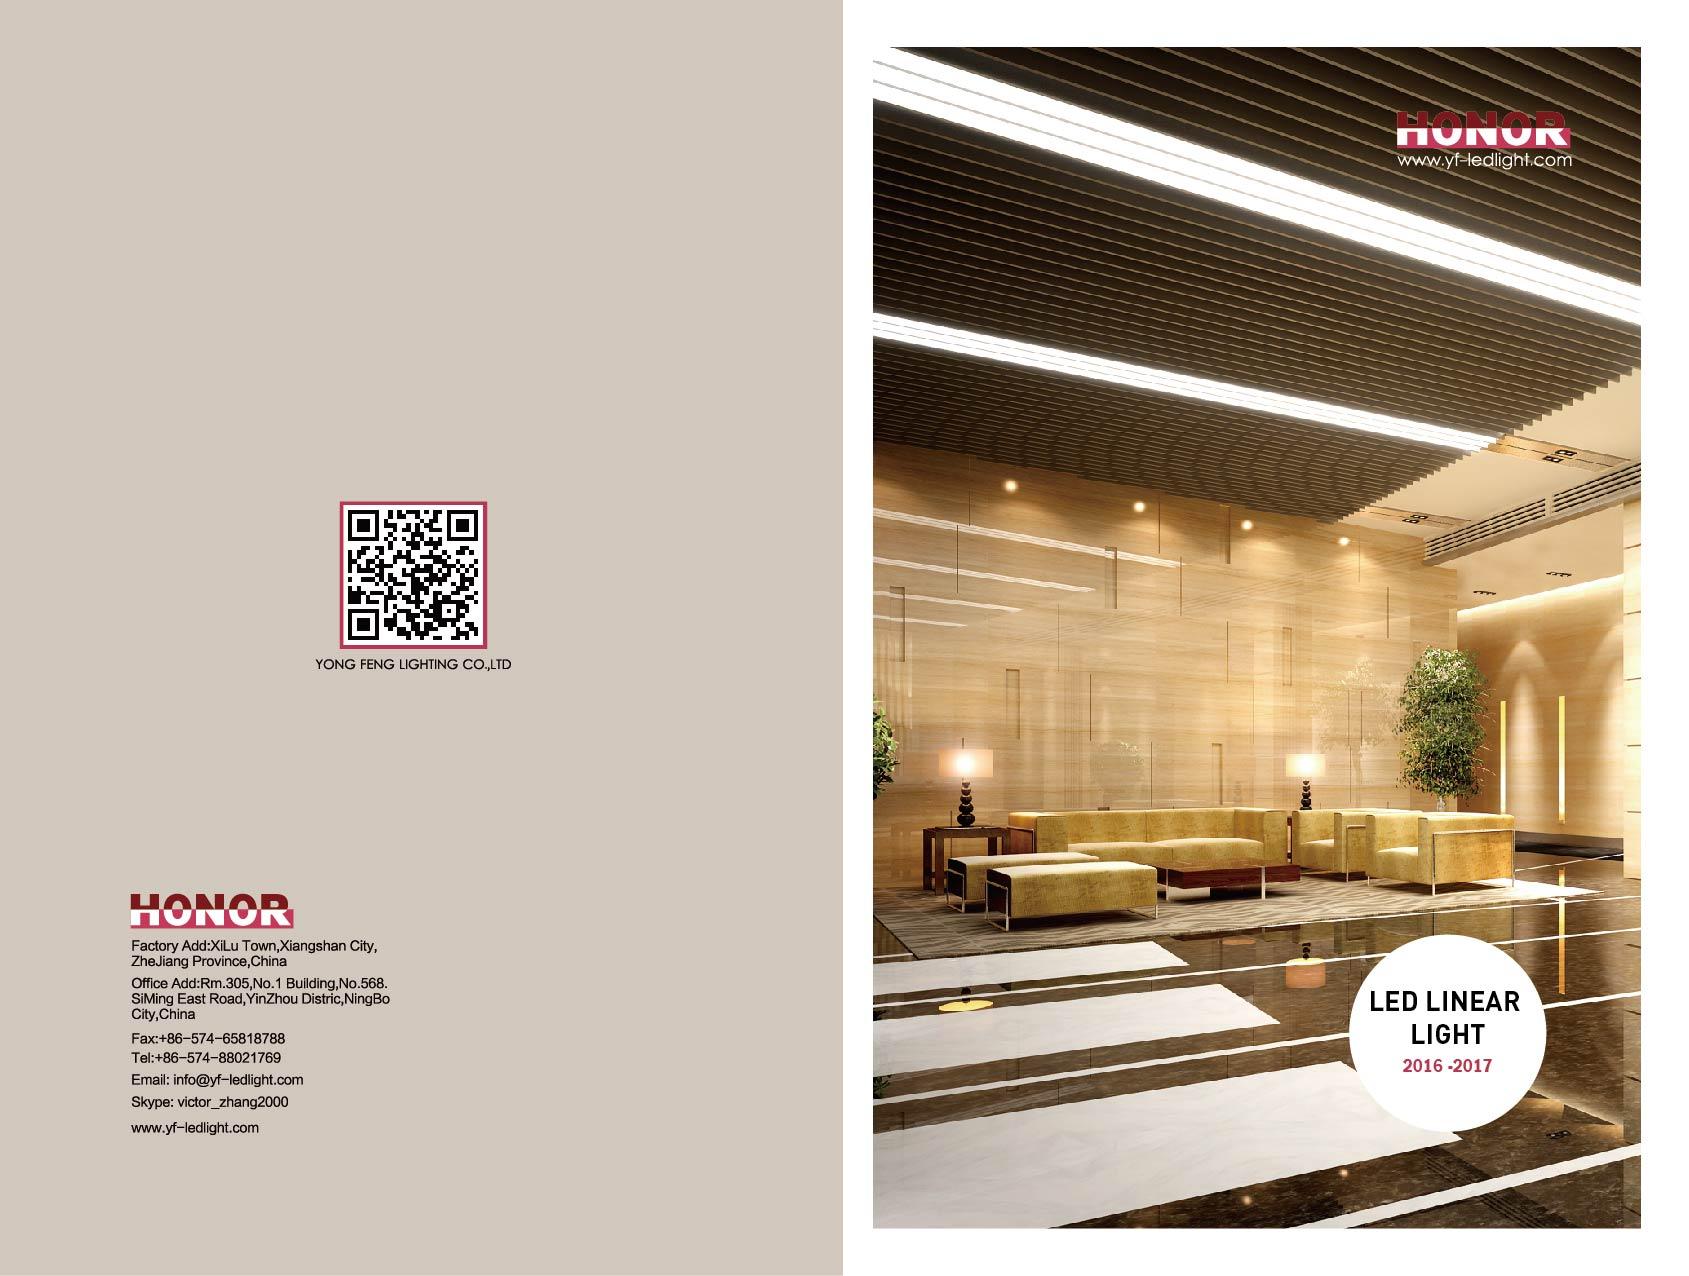 YF 2016 LED Linear Light Catalog